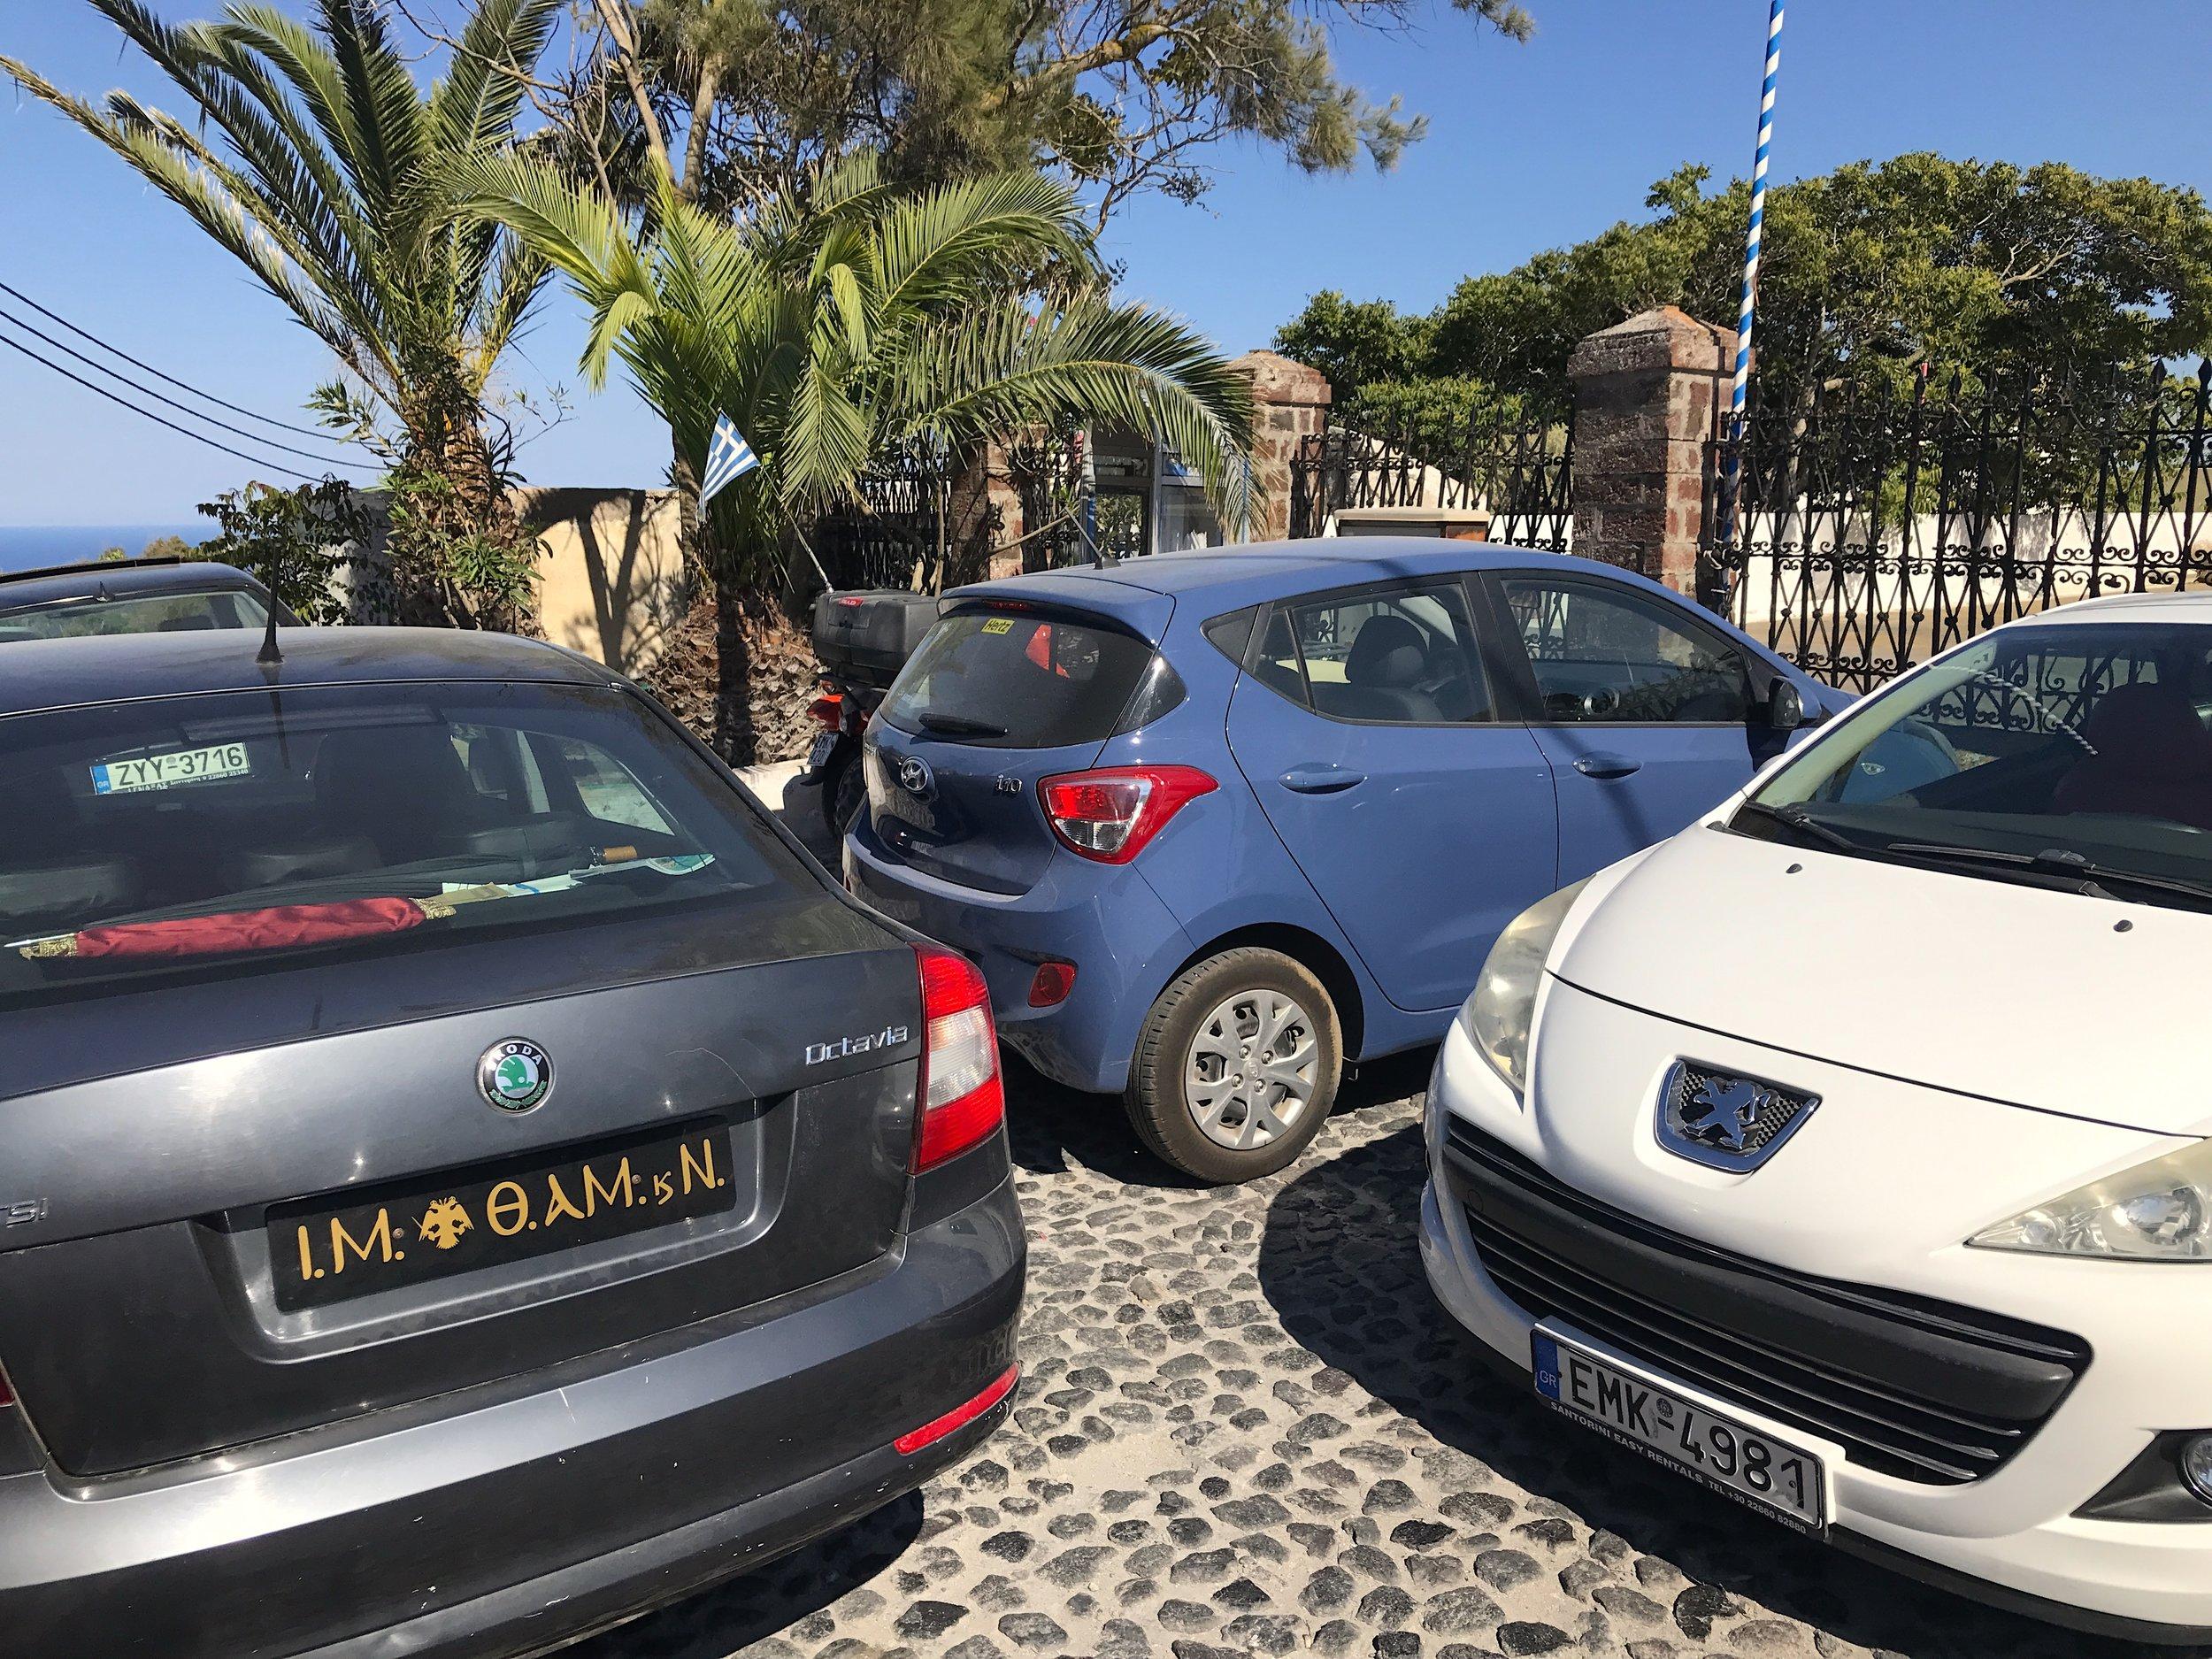 Attention où vous vous garez, au risque comme nous et notre petite voiture bleue, d'être coincés ahah